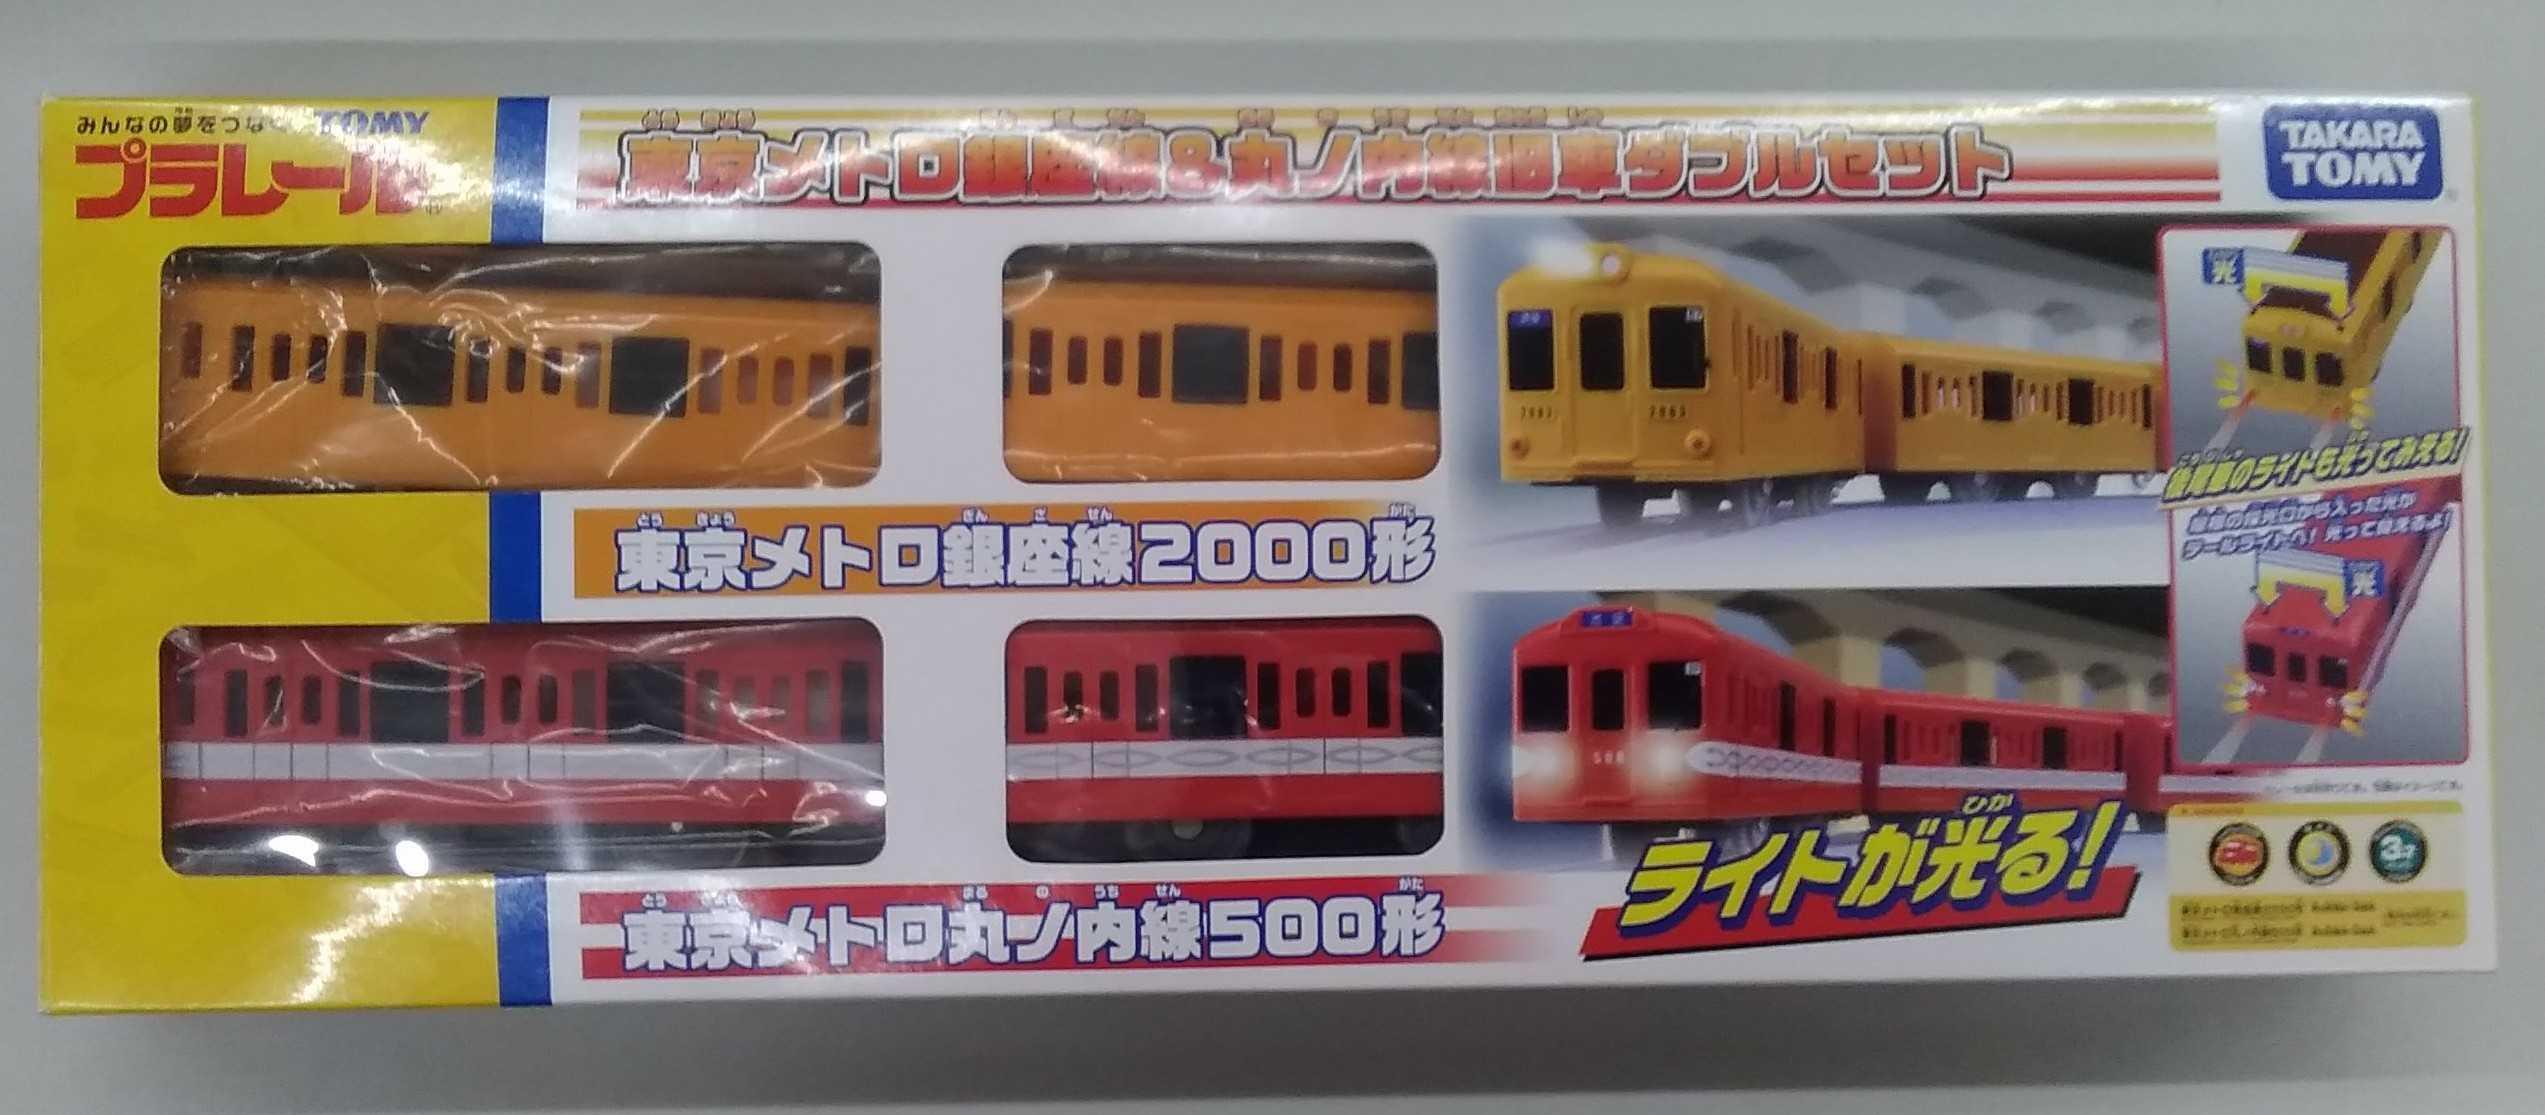 東京メトロ銀座線&丸ノ内線旧車ダブルセット プラレール|TAKARA TOMY